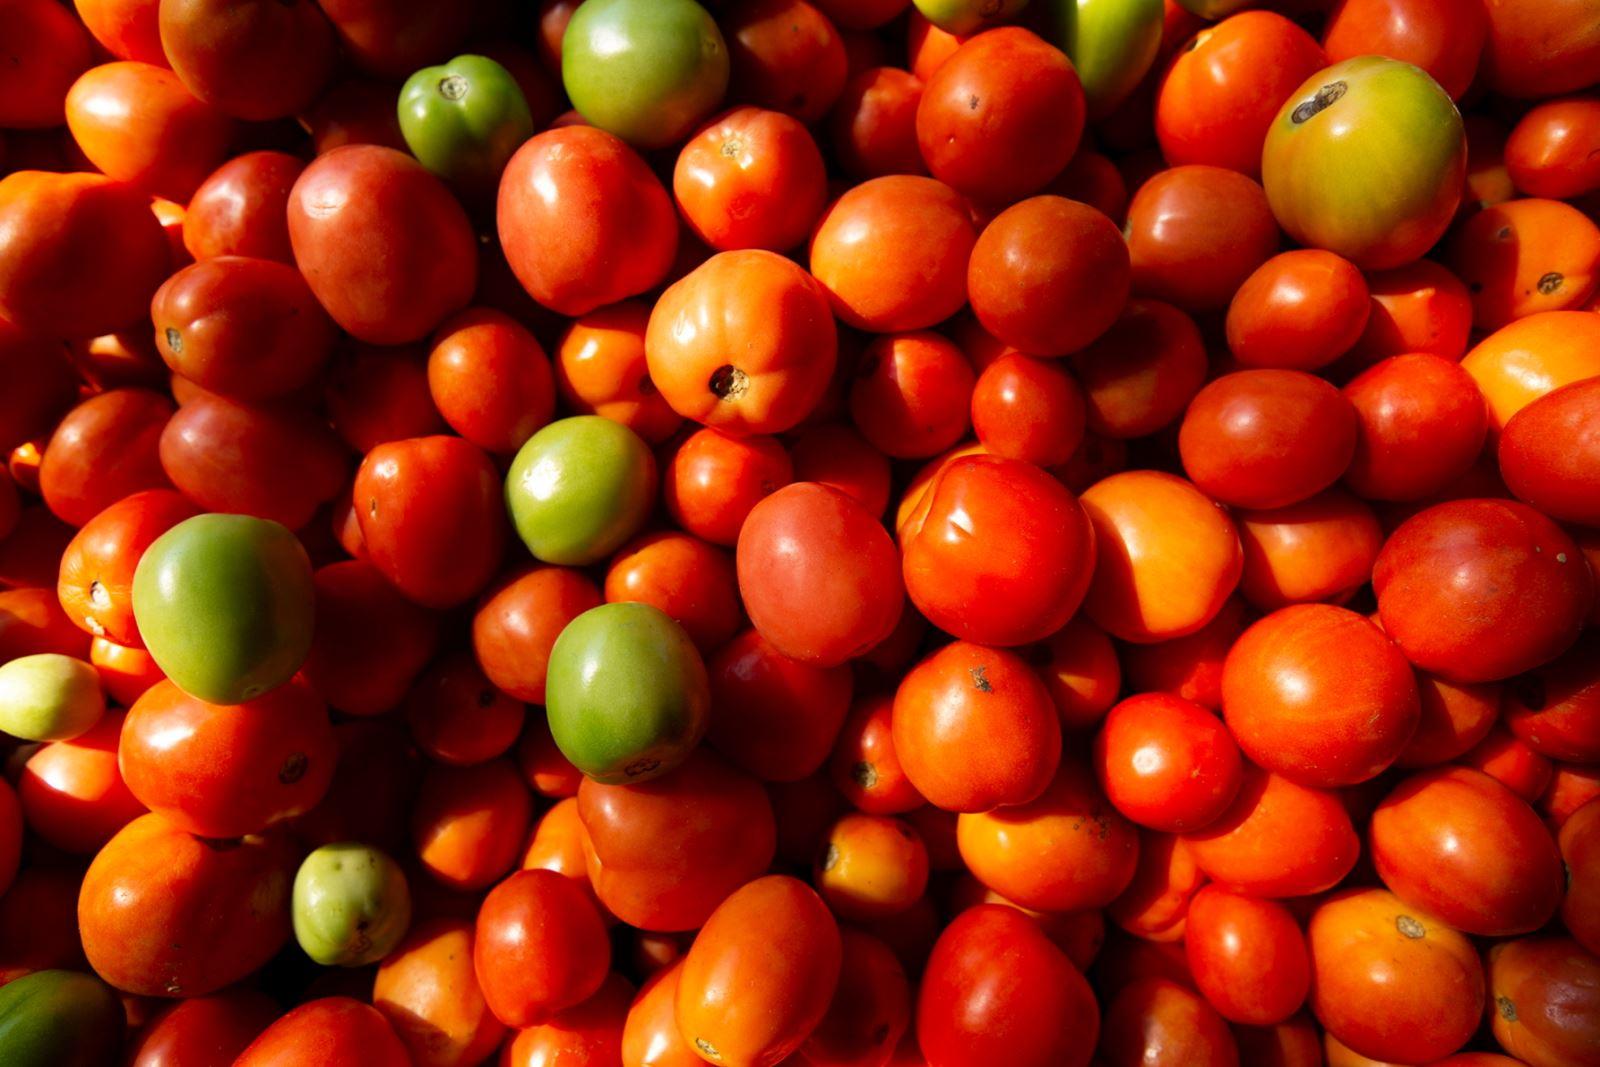 Cà chua ở vùng hồ Inle hoàn toàn sạch và có thể ăn trực tiếp ngay khi thu hoạch. Lý do là cà chua nơi đây trồng không xài thuốc trừ sâu hay hóa chất.